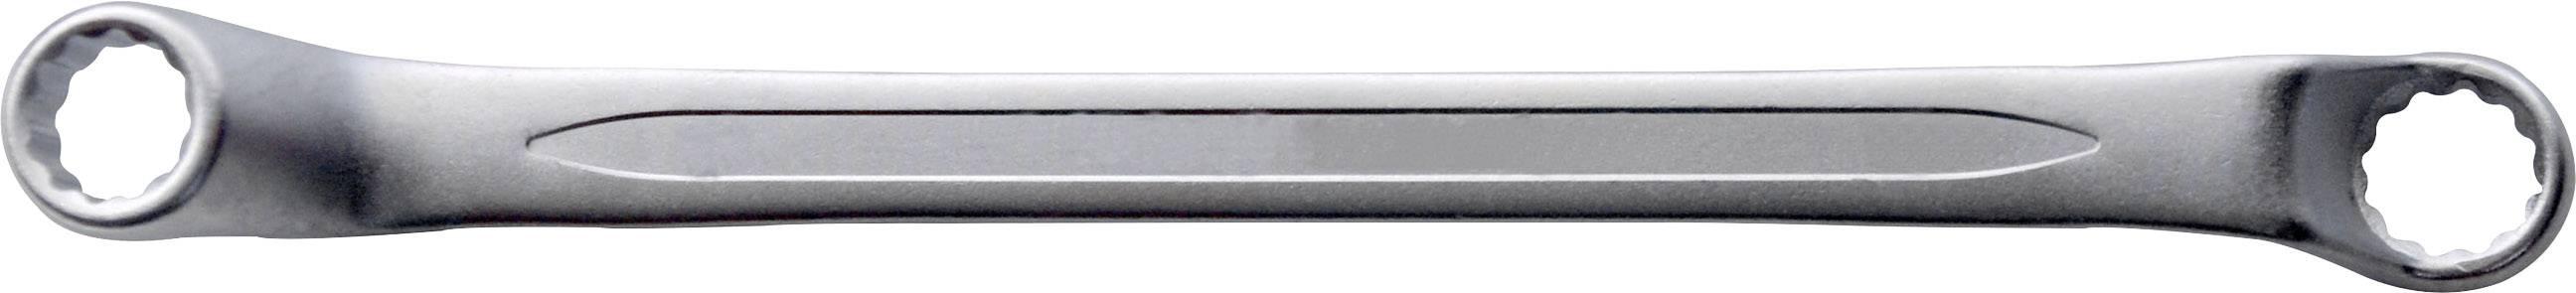 Oboustranný očkový klíč TOOLCRAFT 820855, 20 - 22 mm, N/A